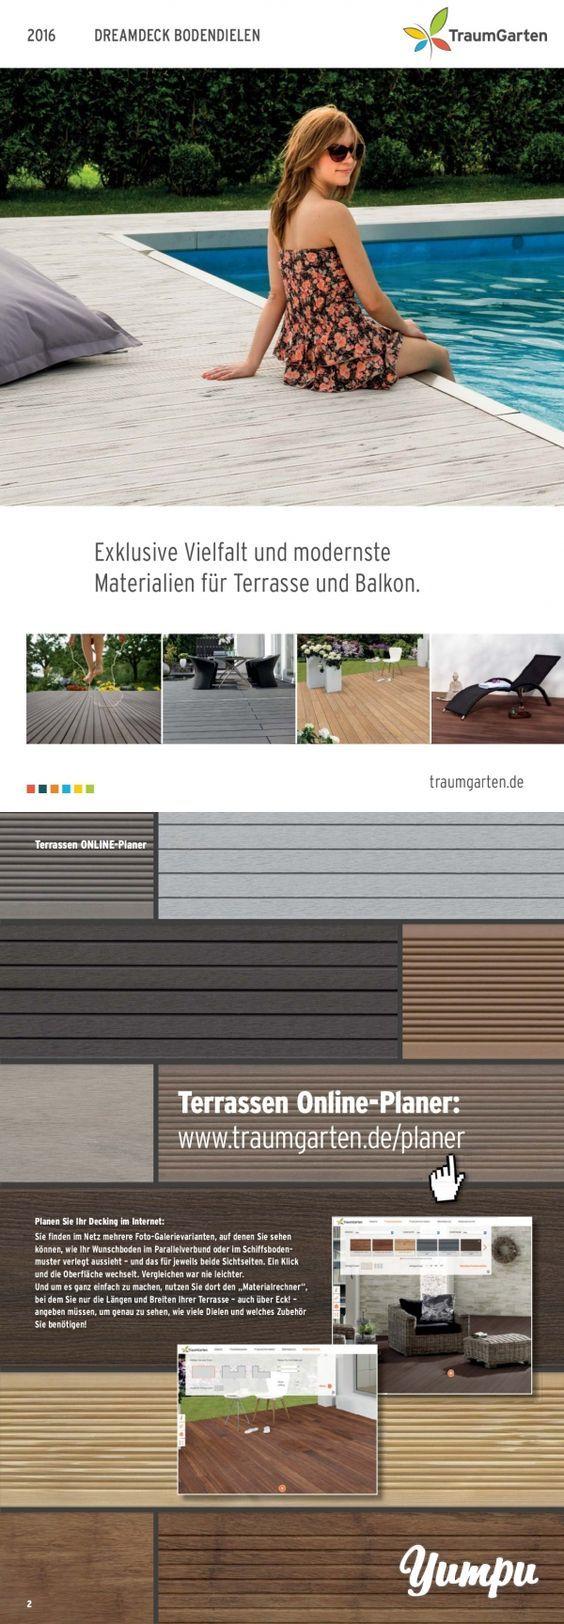 17 Best Ideas About Balkon Einrichten On Pinterest | Diy Balkon ... Terrassen Und Balkongestaltung 35 Hubsche Beispiele